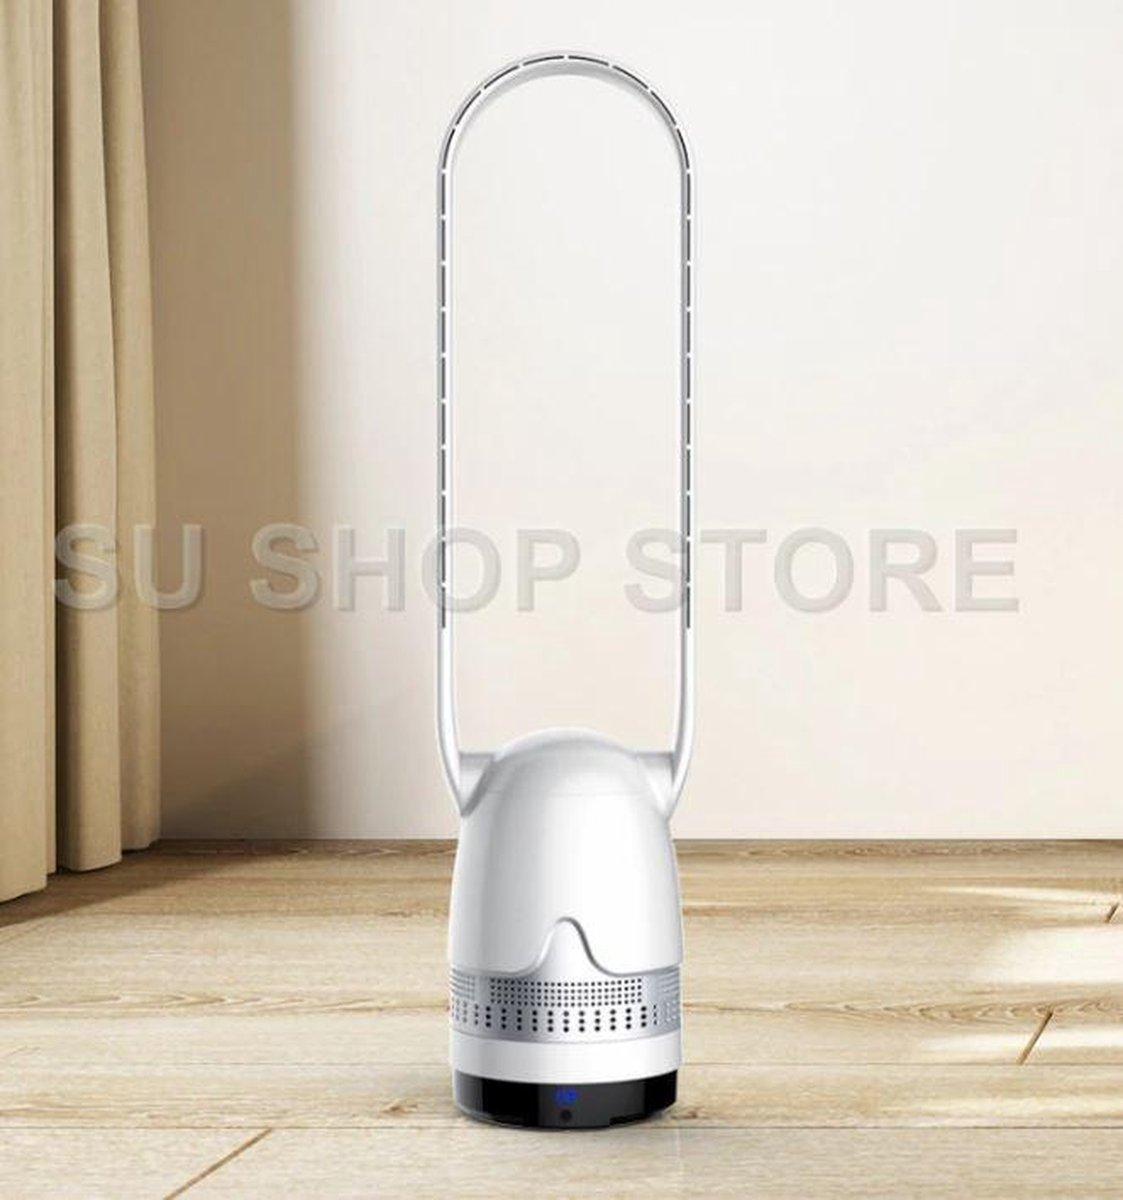 Ventilator- luchtreiniger